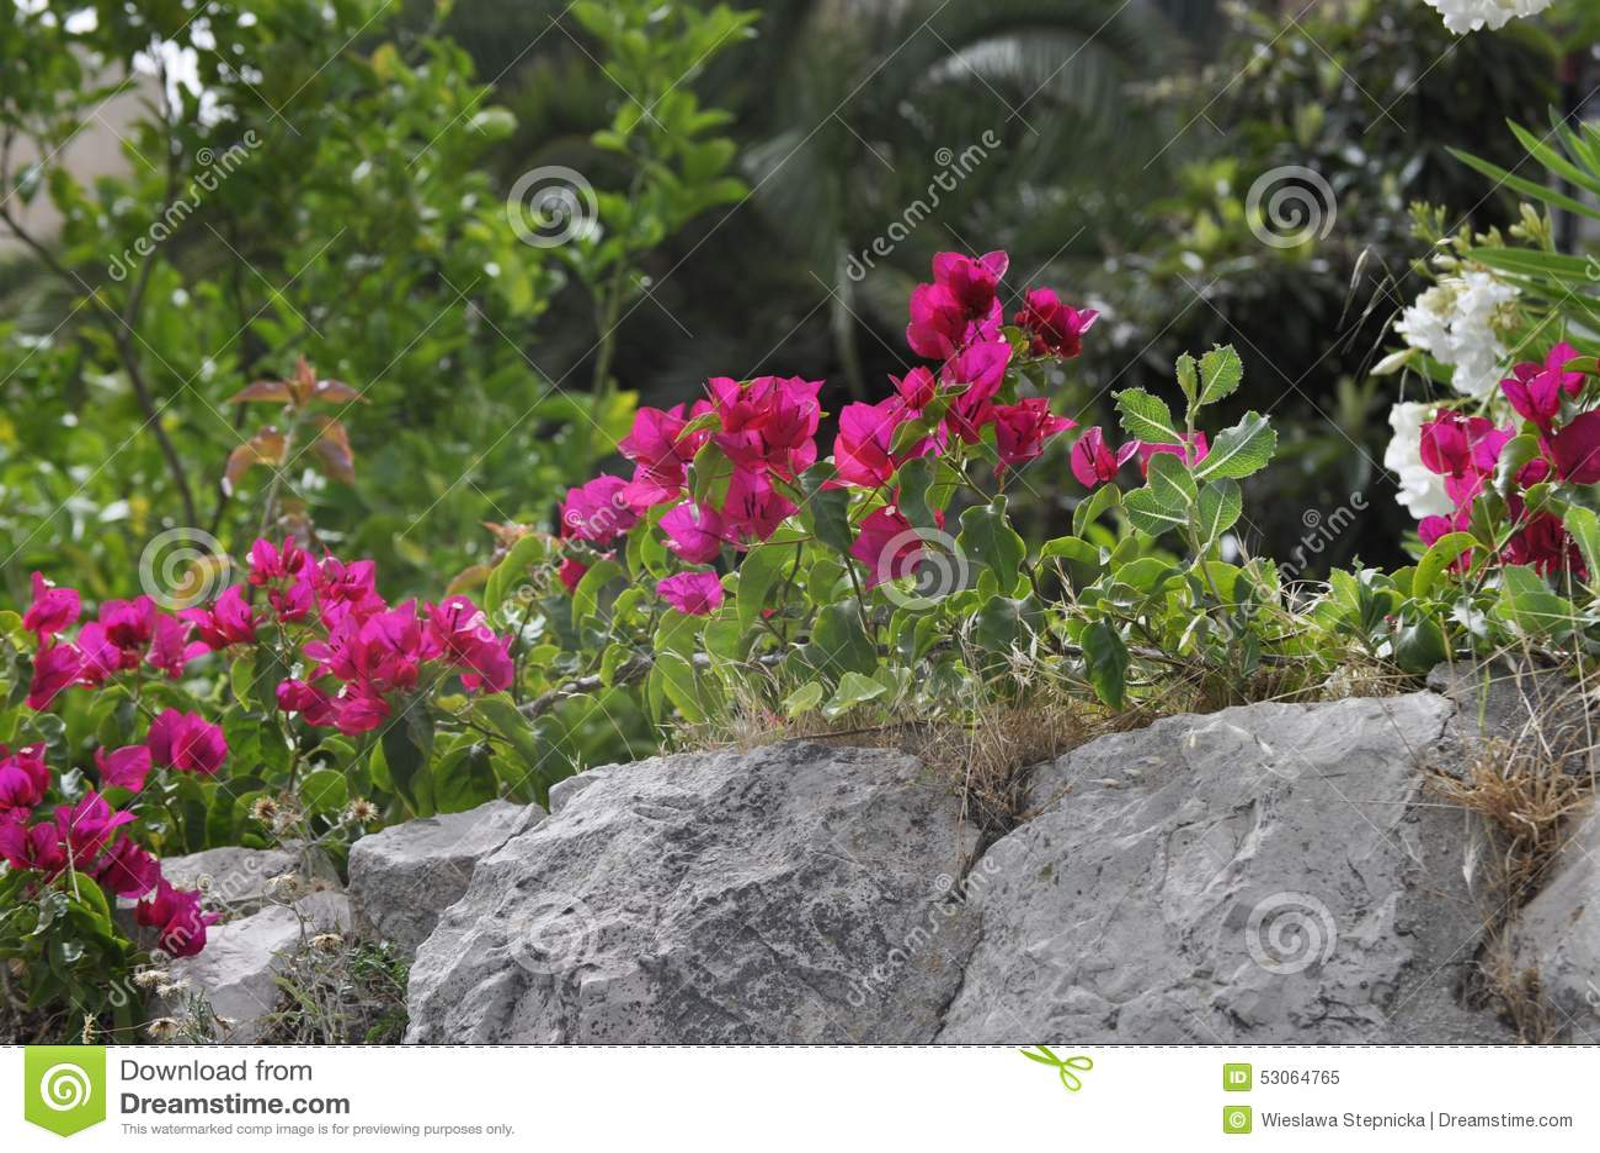 Bougainvillea beautiful flower in garden stones stock image image bougainvillea beautiful flower in garden stones izmirmasajfo